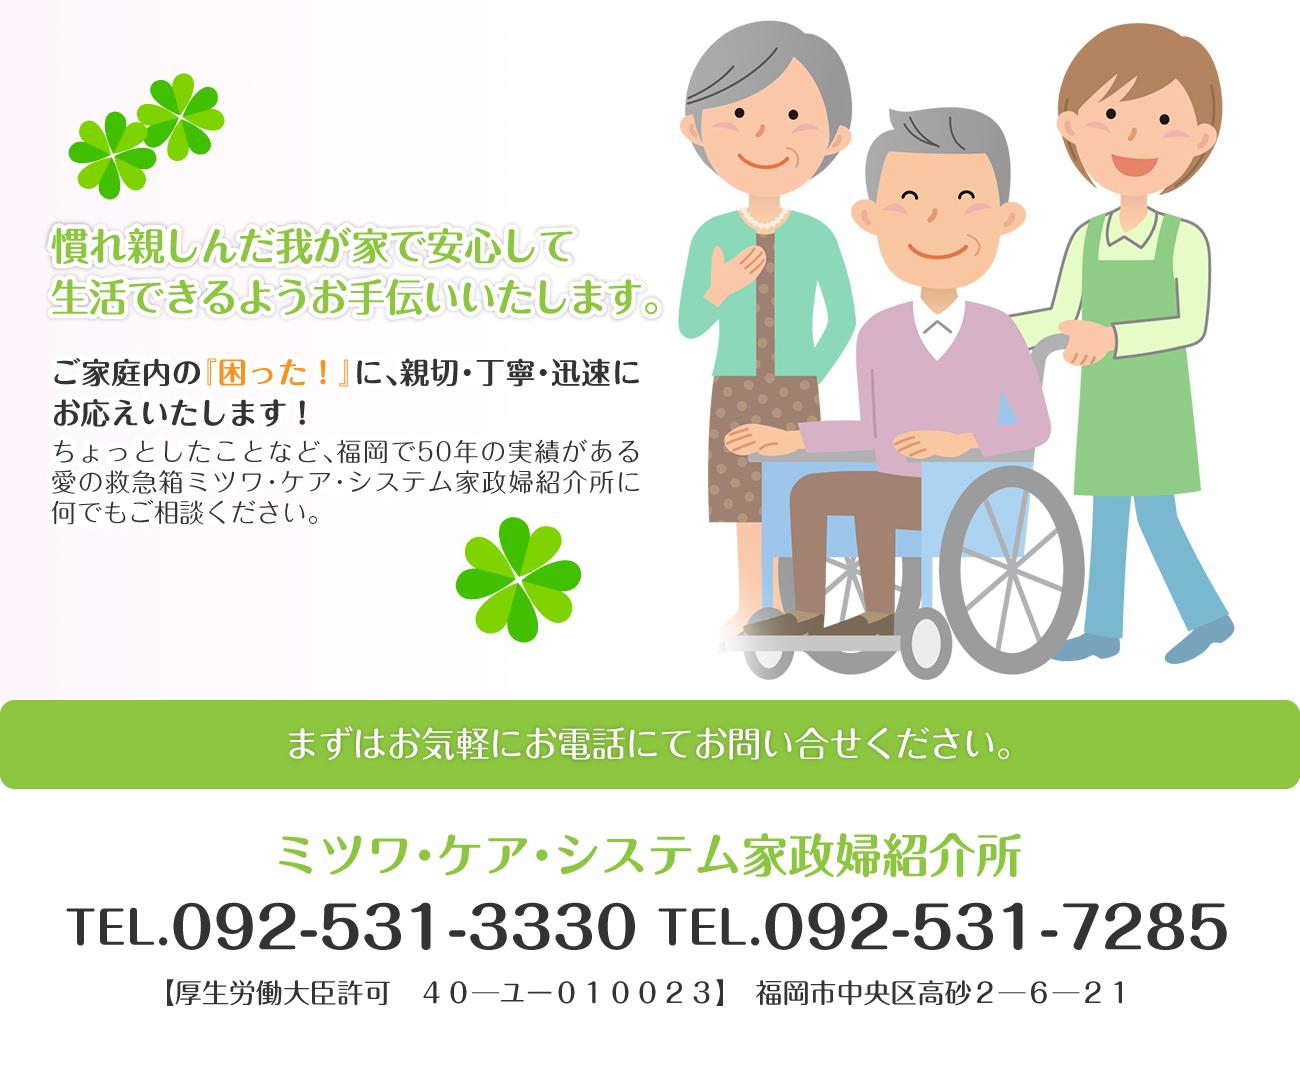 福岡で掃除から料理、介護まで家事全般などお任せ!